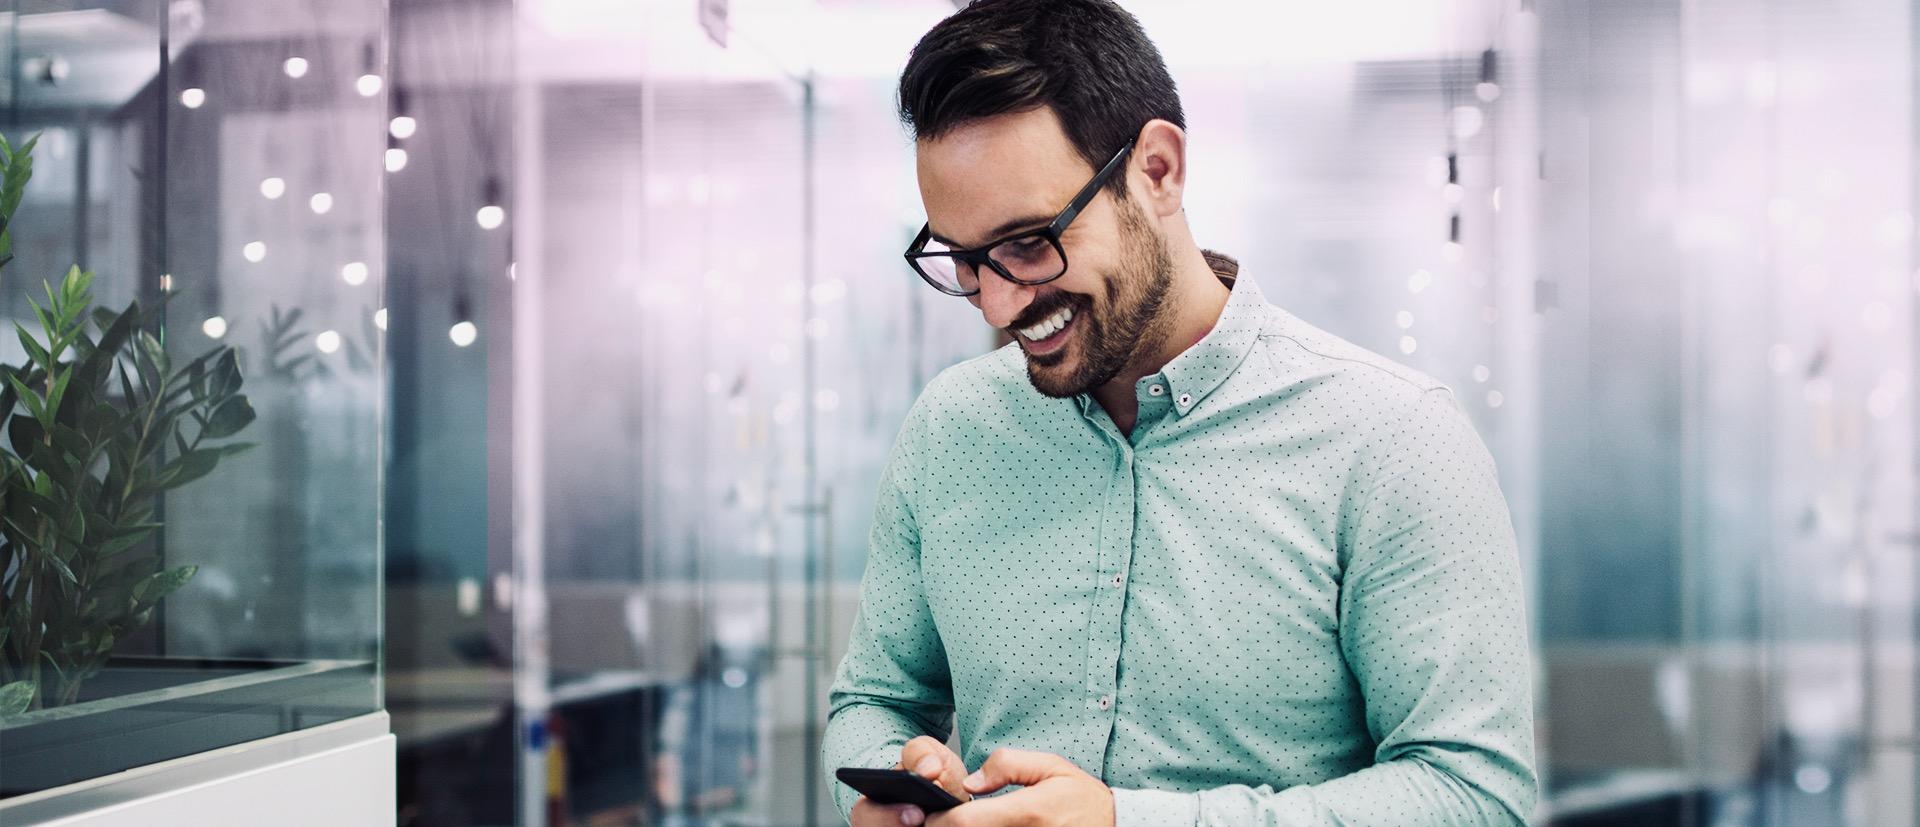 [POST]WP Enabling Frictionless Mobile Fraud Prevention